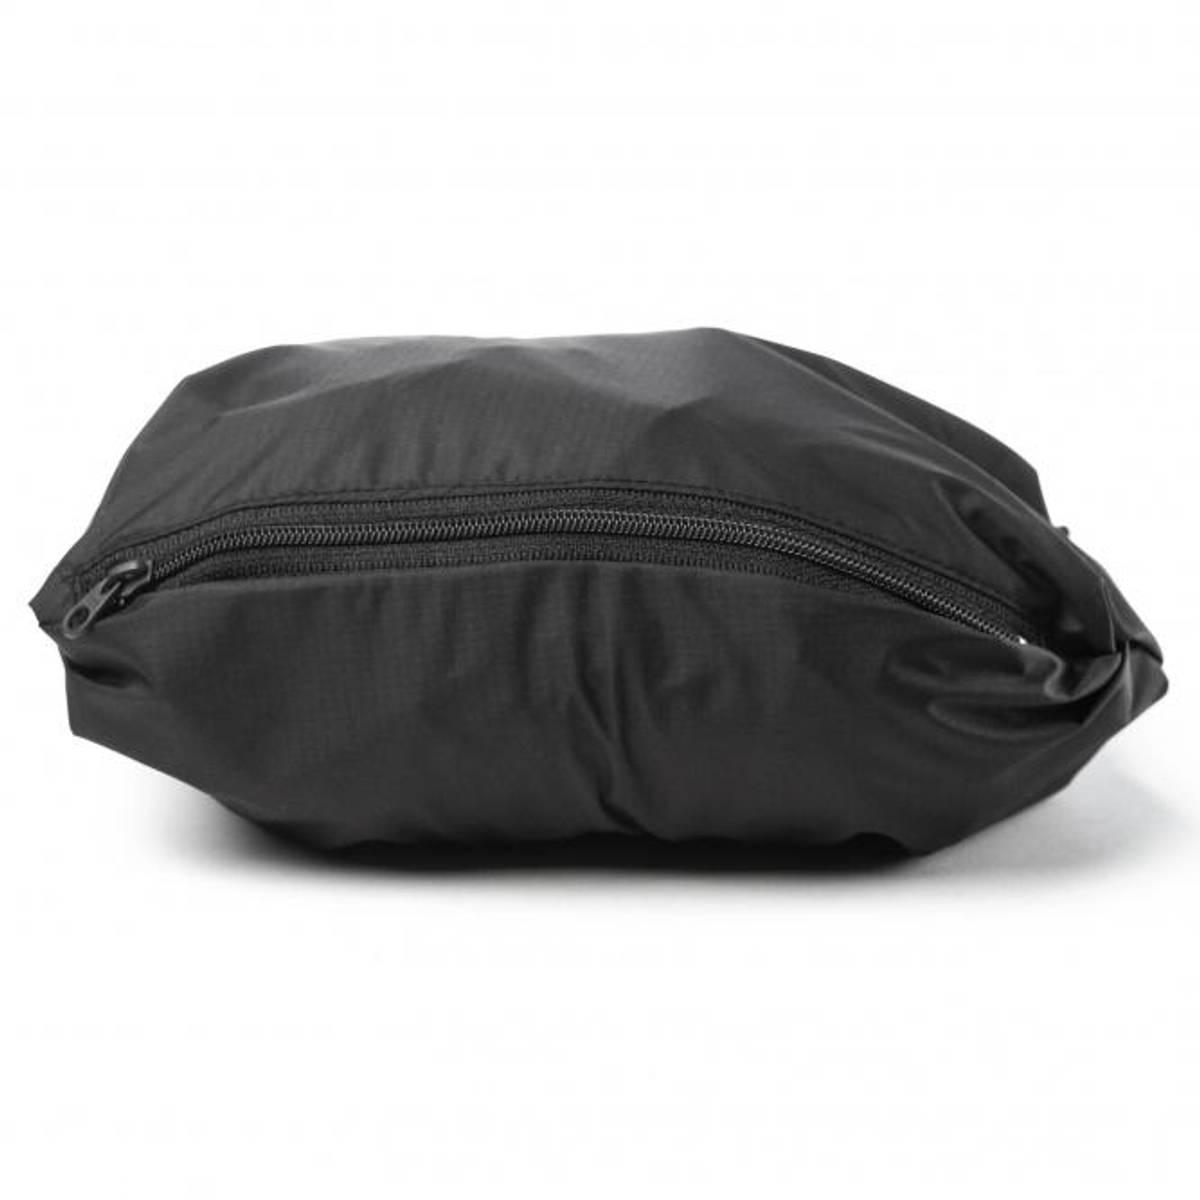 Zhik Packable Jacket